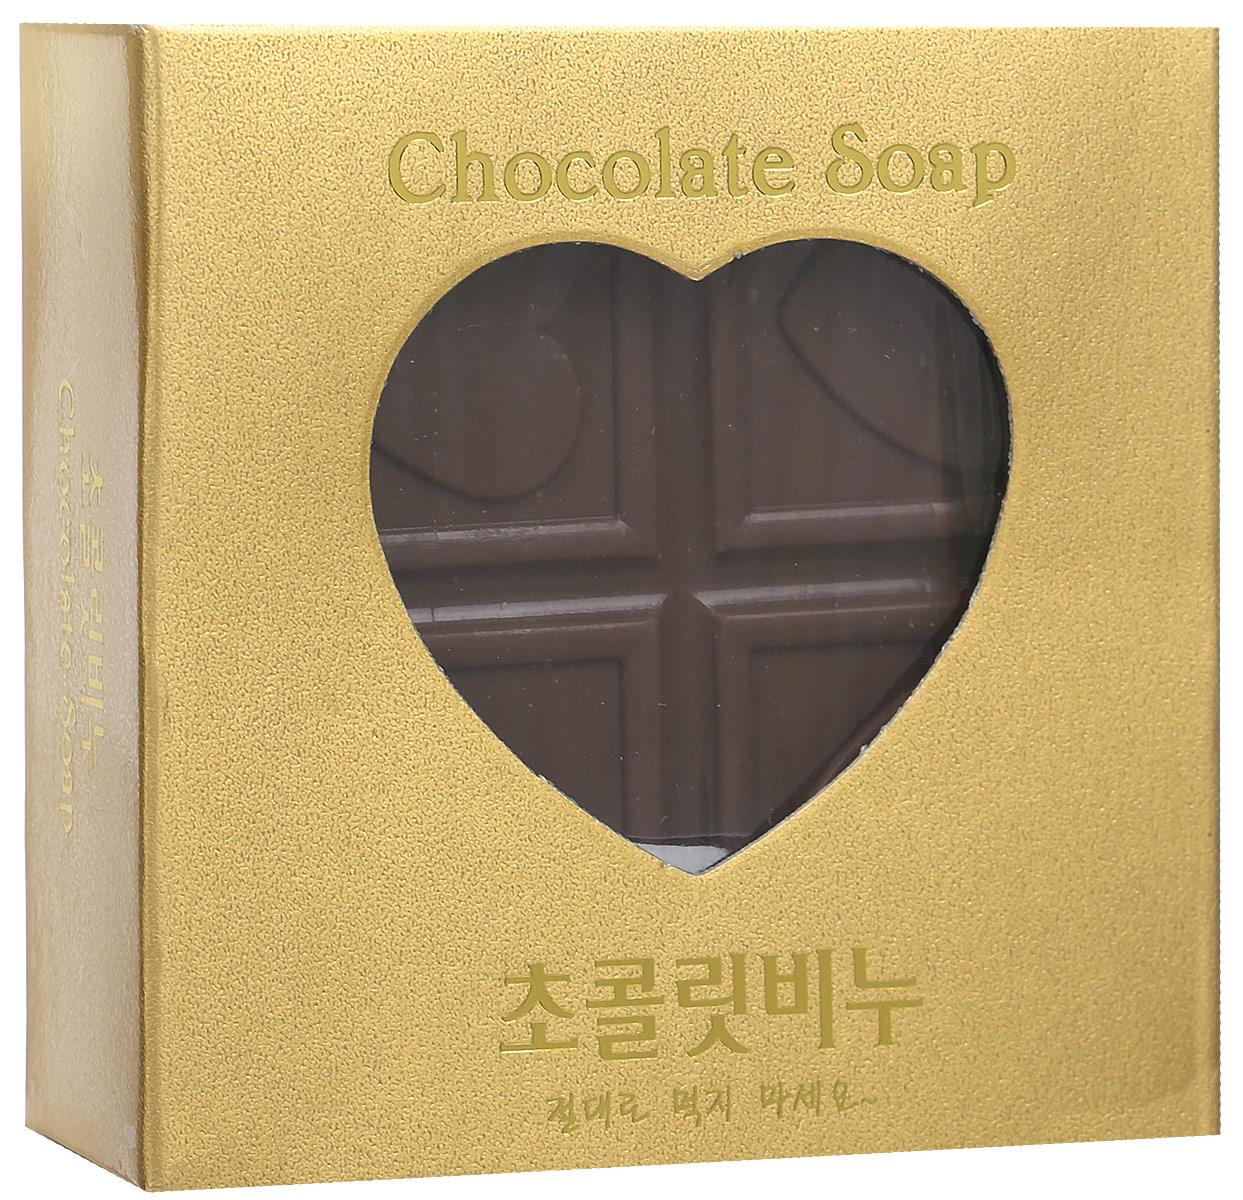 DongBang Мыло с шоколадом, 100 гFS-54114Мягкое мыло в виде плитки шоколада наполнит вашу ванную комнату ароматами нежности и счастья. Натуральный экстракт шоколада питает и разглаживает кожу. Масло какао богато витамином F и незаменимыми жирными кислотами. Оно регенерирует, увлажняет и защищает кожу, восстанавливает мембраны клеток и обладает сильной антиоксидантной активностью. В холодное время года добавь растопленное масло какао в свой любимый крем, и он гораздо эффективнее защитит твою кожу от обморожений и шелушения. Липиды масла какао обновляют кожу, смягчают, способствуют удержанию влаги за счет активизации синтеза коллагена и укрепляют сосуды. Также в составе есть масло камелии, которое поддерживает должный уровень увлажненности кожи. Мыло не раздражает кожу. При производстве не использовались химические добавки, а лишь натуральные масла и природные компоненты.